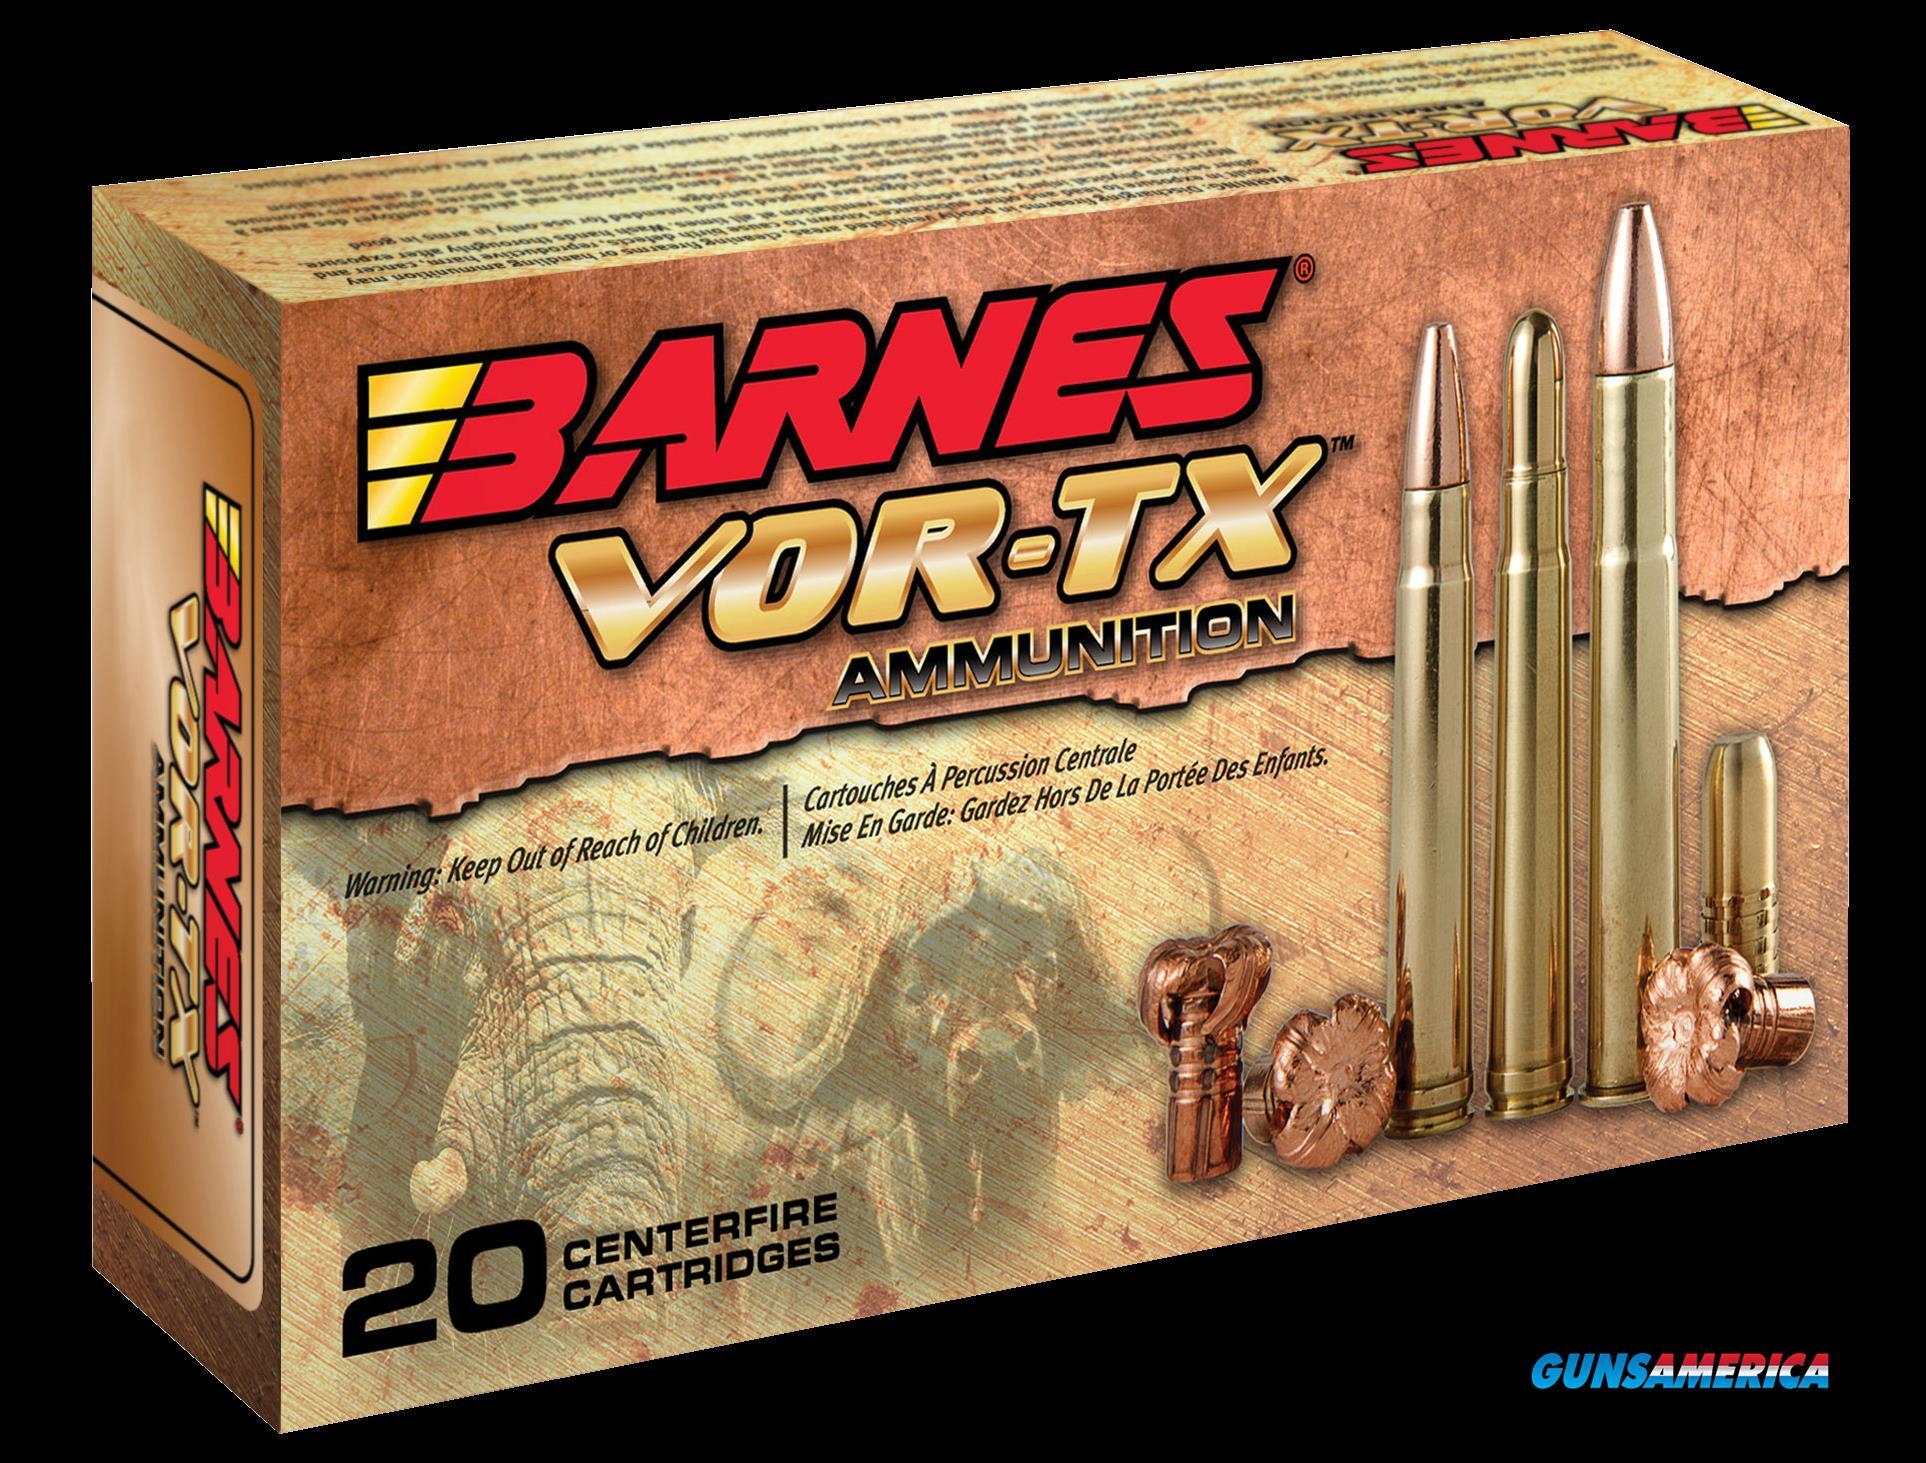 Barnes Bullets Vor-tx Safari, Brns 22018 Bb416rem2   416rem    400 Bnd Sld 20-10  Guns > Pistols > 1911 Pistol Copies (non-Colt)